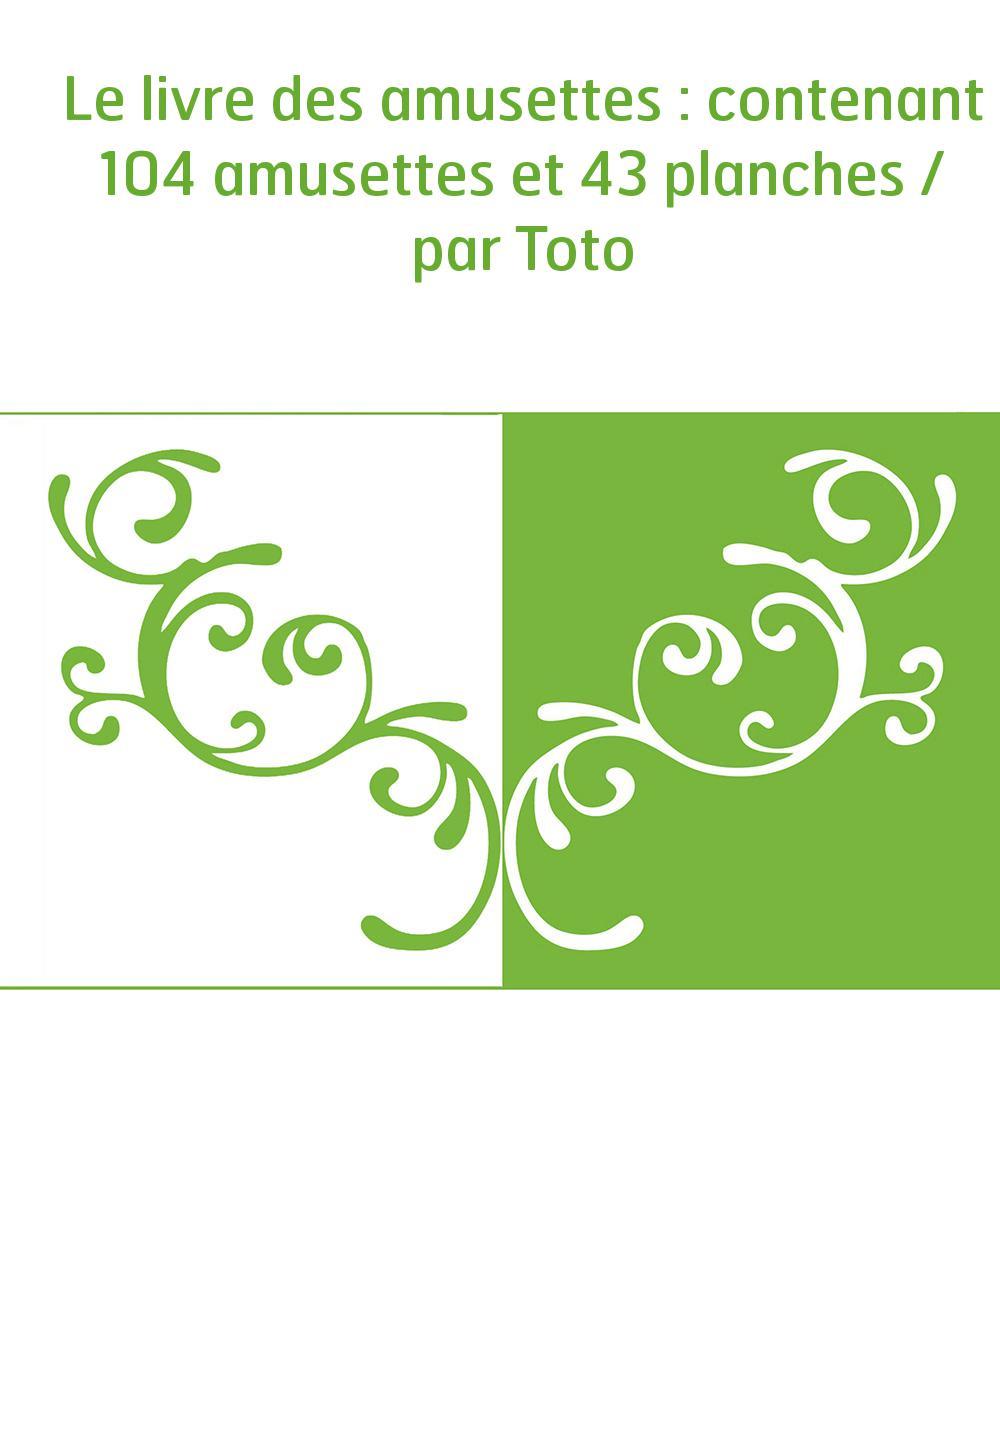 Le livre des amusettes : contenant 104 amusettes et 43 planches / par Toto